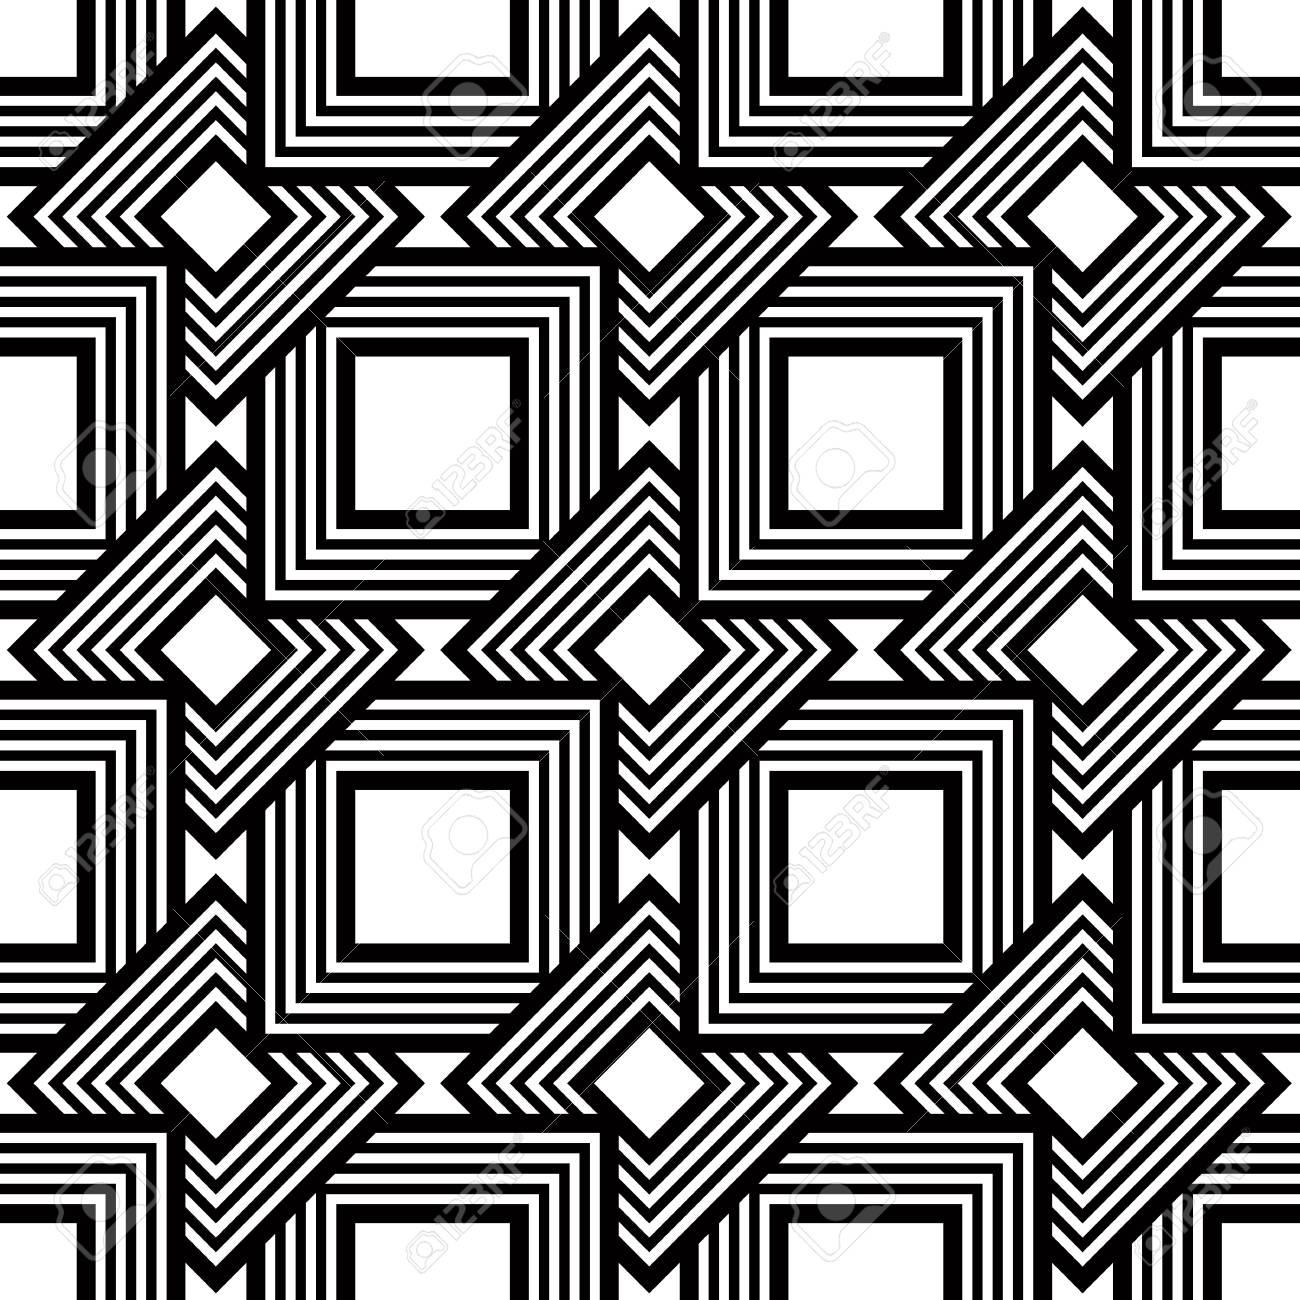 Nahtlose Schwarz Weiß Muster Einfache Vektor Streifen Geometrischen